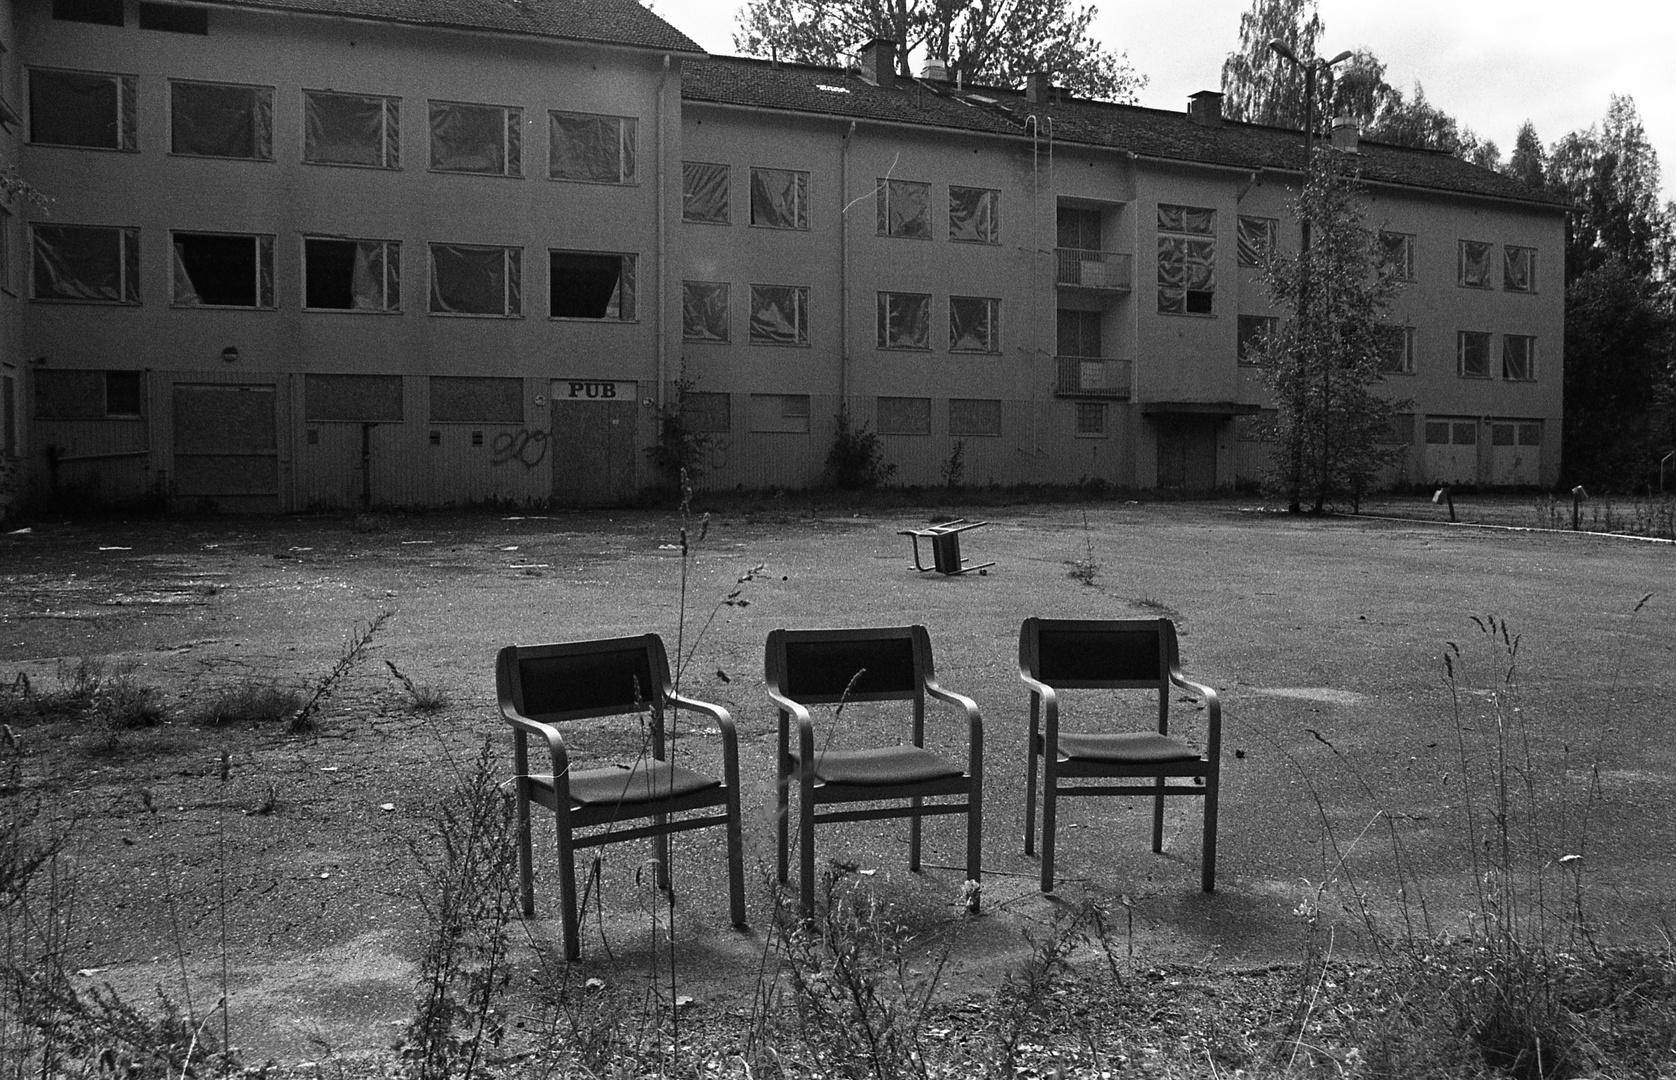 Le Sedie Vuote.Tre Sedie Vuote Mi Fanno Compagnia Foto Immagini